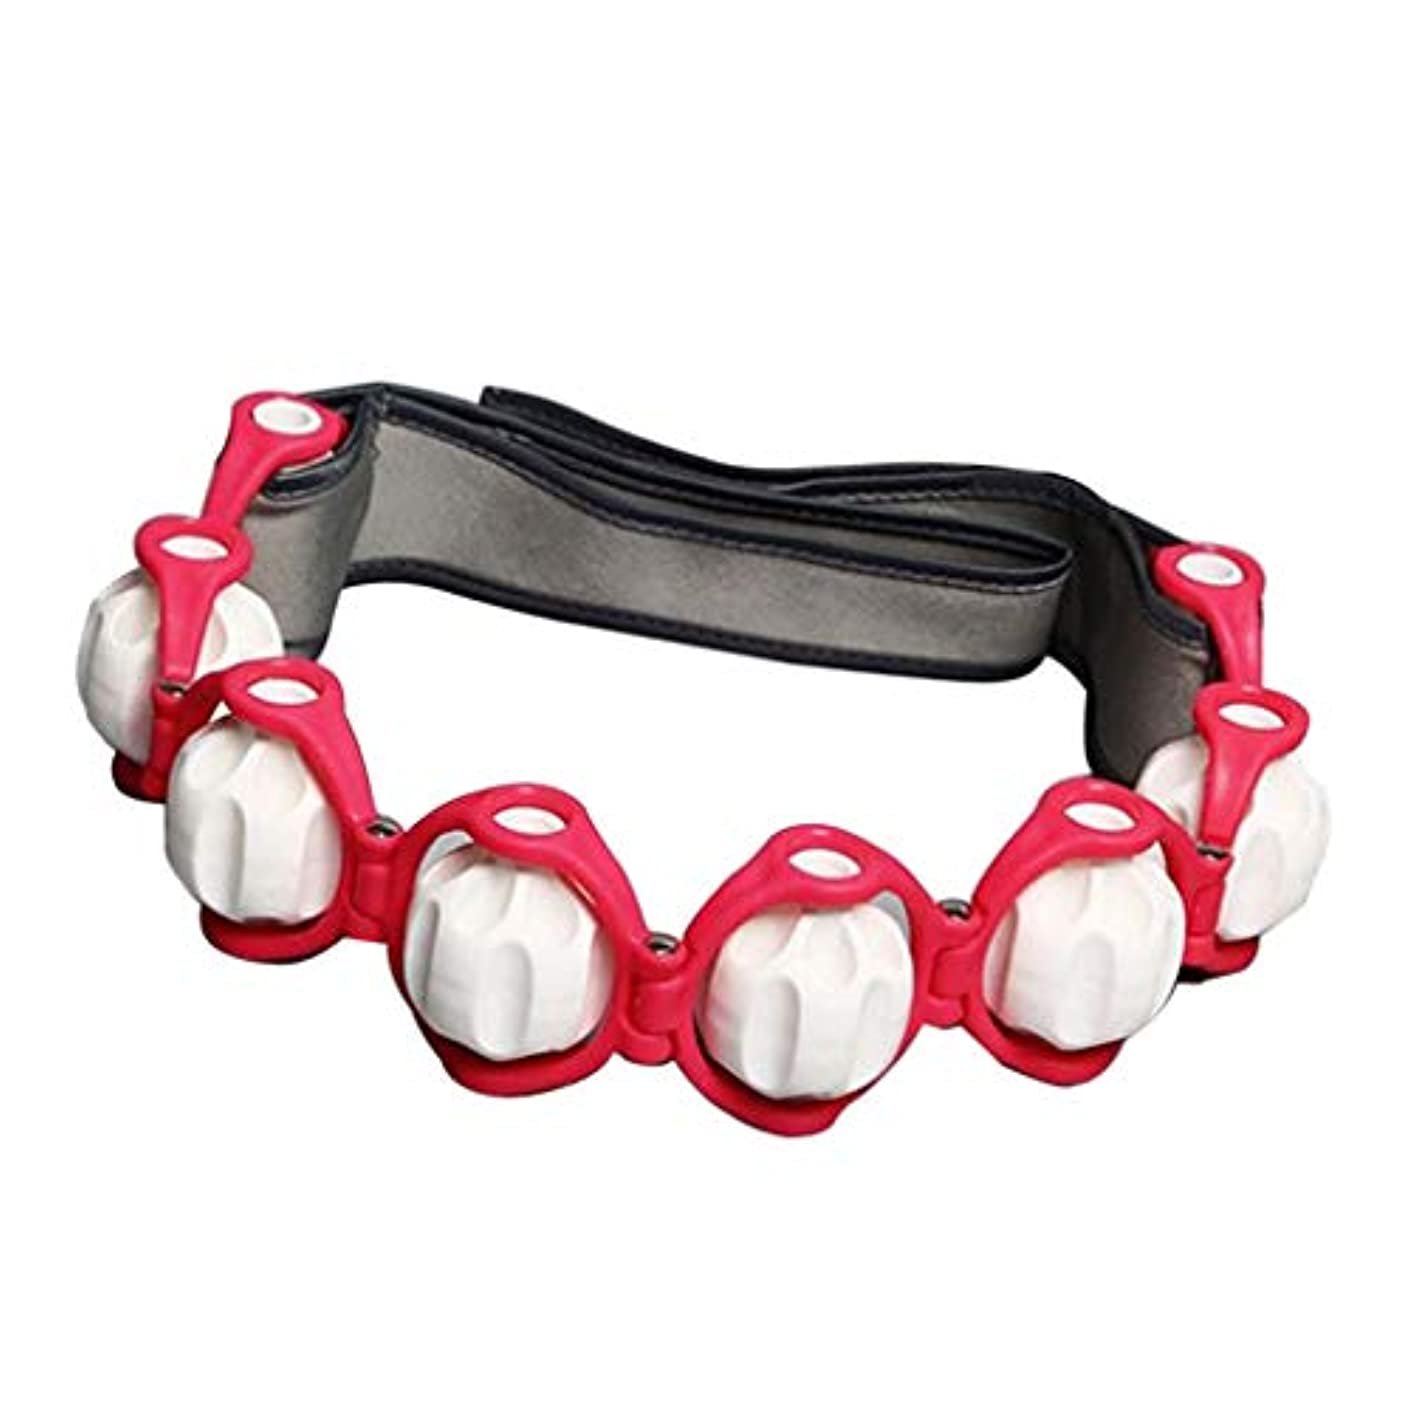 びっくりするピービッシュテセウスマッサージローラー ロープ付き ネック ショルダー ツボ押し マッサージボール 4色選べ - 赤, 説明したように